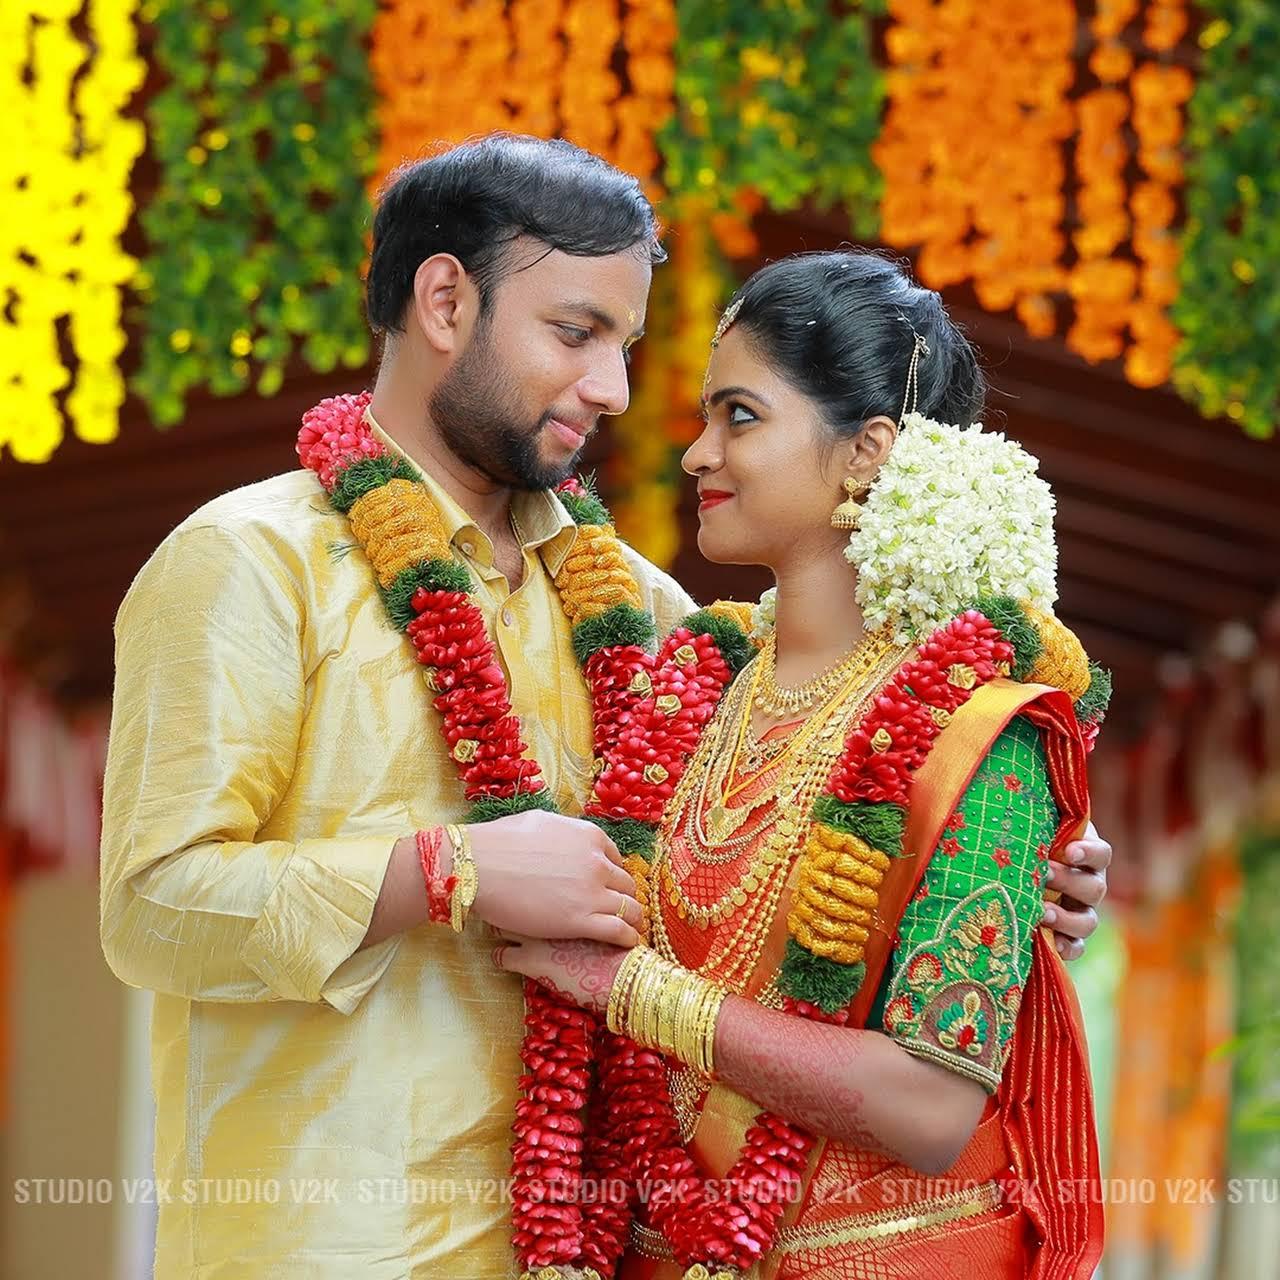 STUDIO V2K - Photographer in Dharmapuri